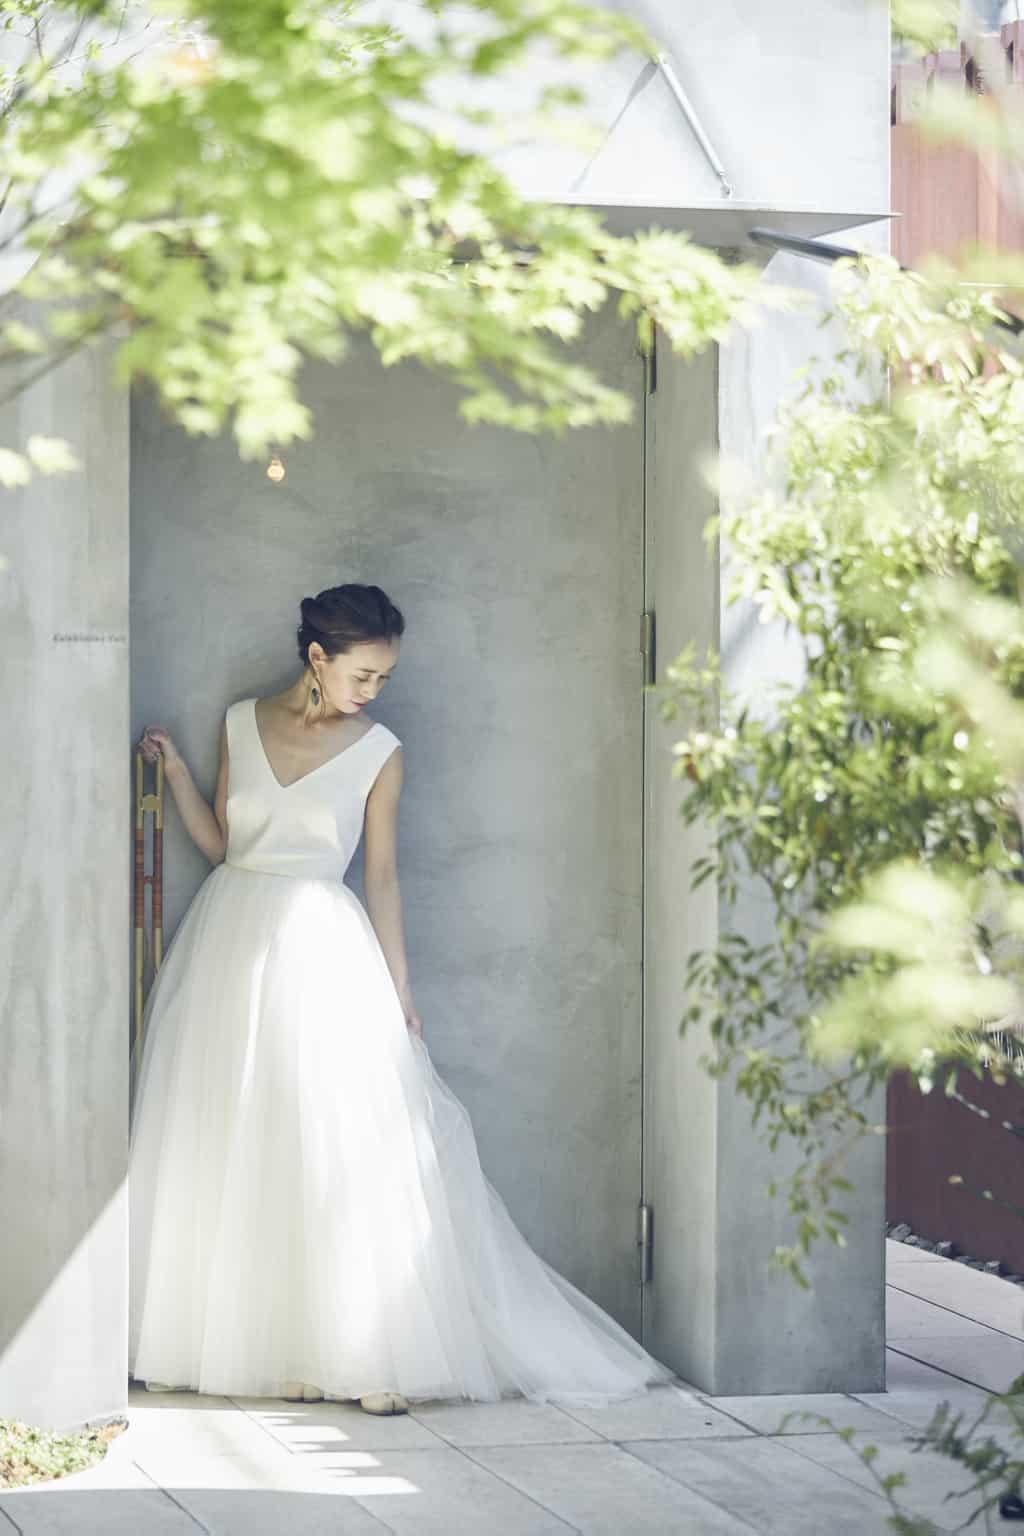 IWAI 入り口でドレスを着てたたずむ女性のイメージ写真